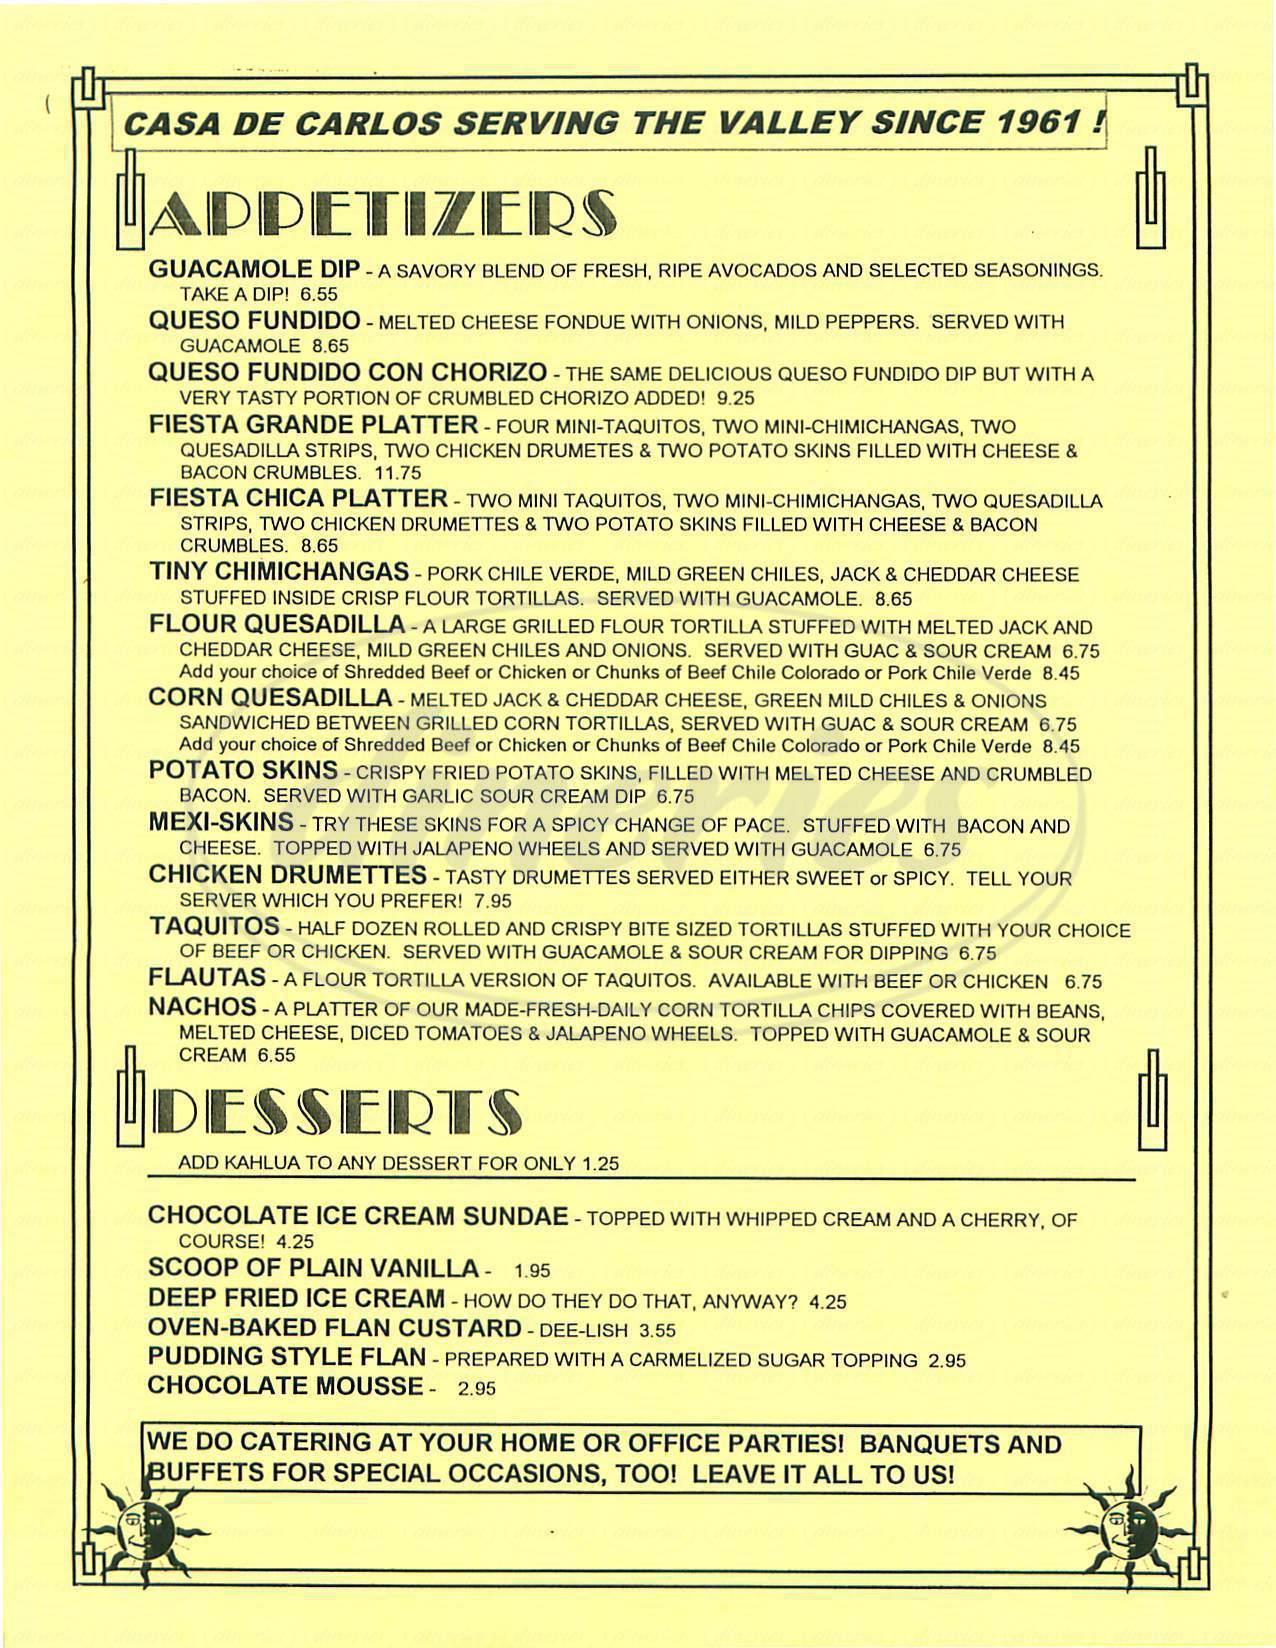 menu for Casa de Carlos